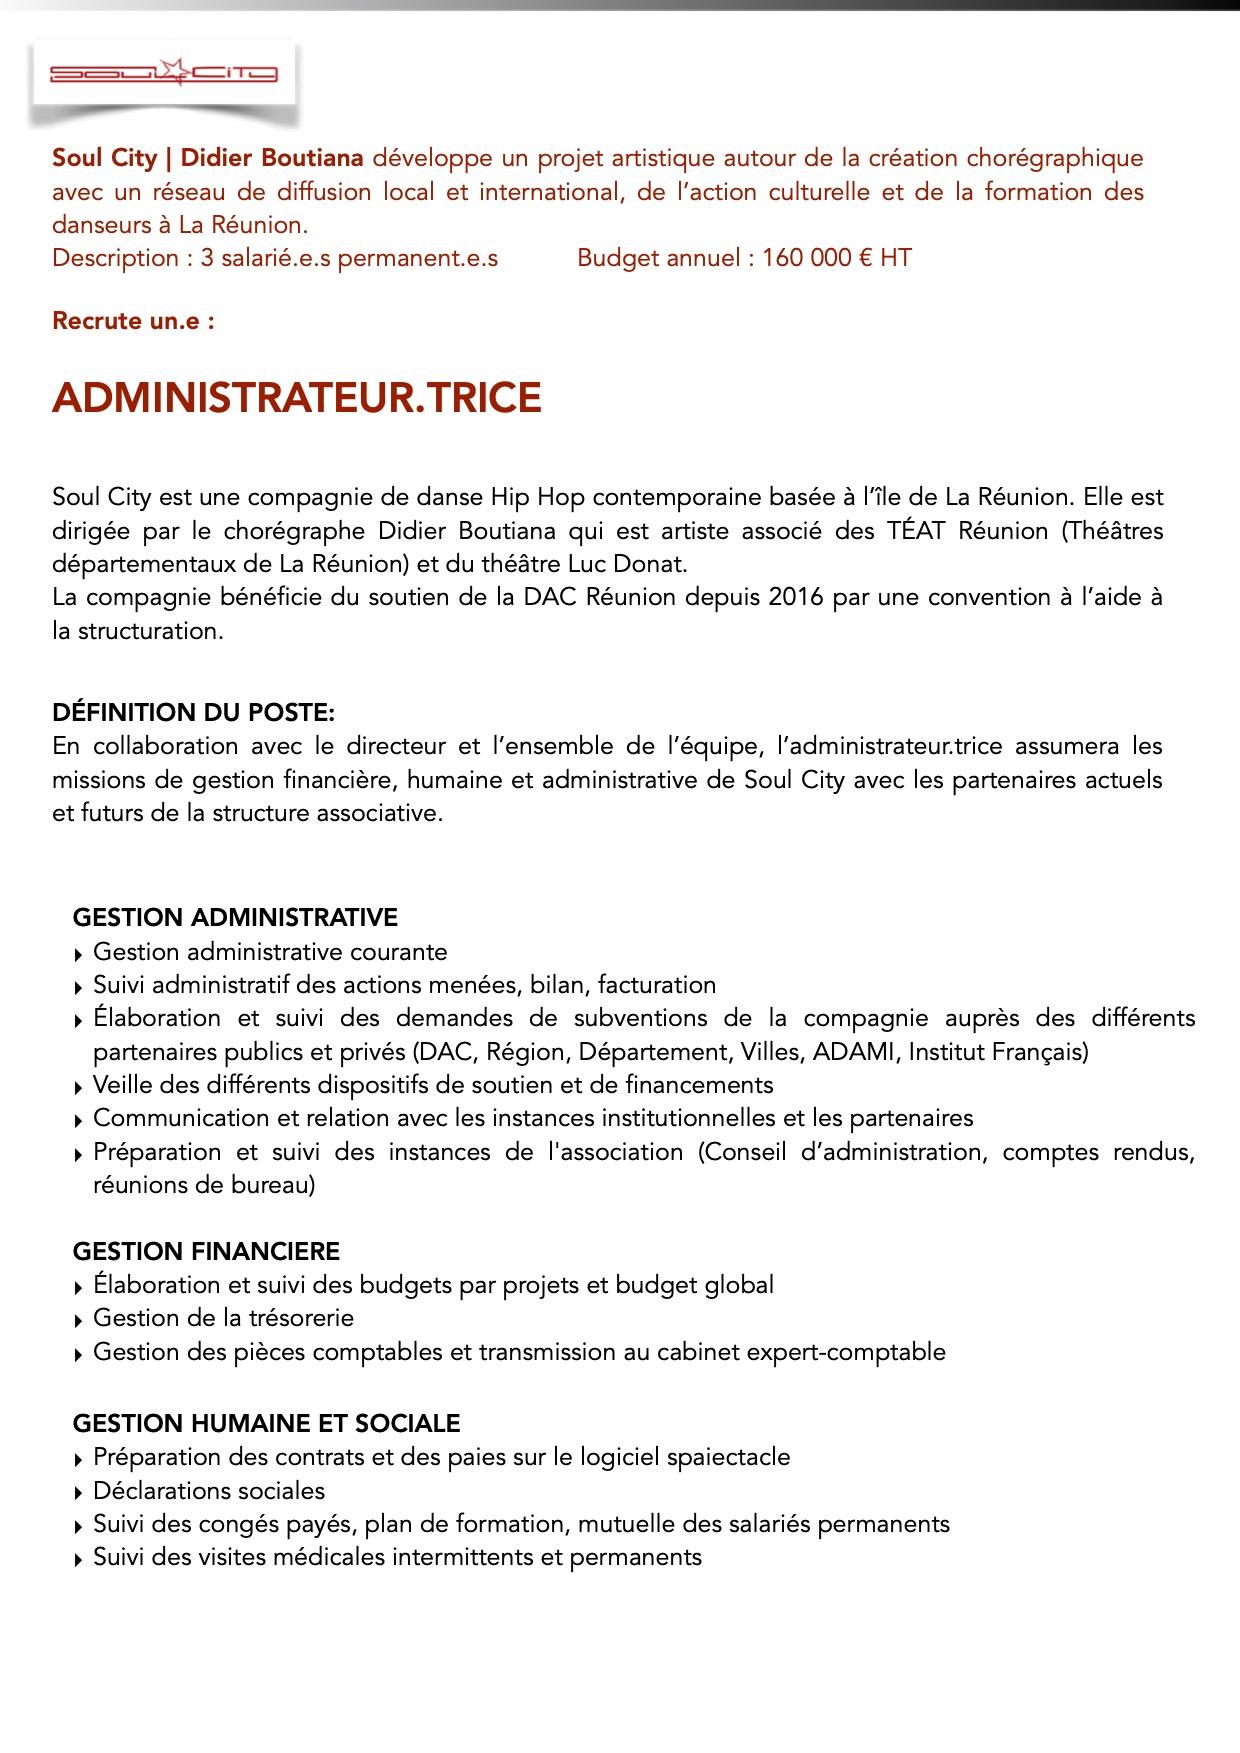 Offre d'emplois. Post Administrateur.trice. Soul City p.1